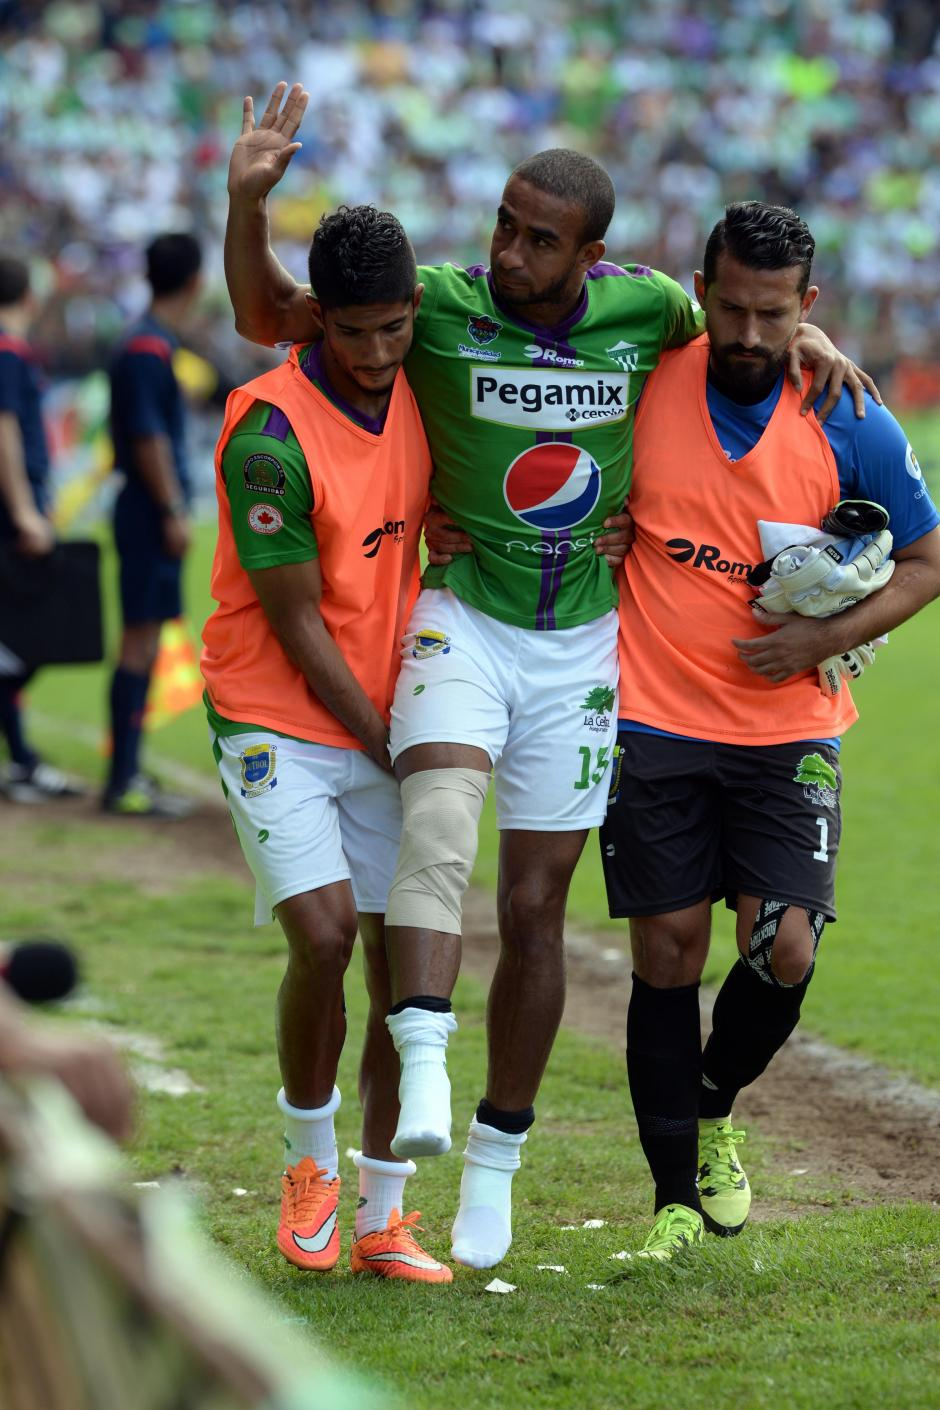 Fredy Thompson se despide tras haber salido prematuramente del juego debido a una lesión. (Foto: Nuestro Diario)